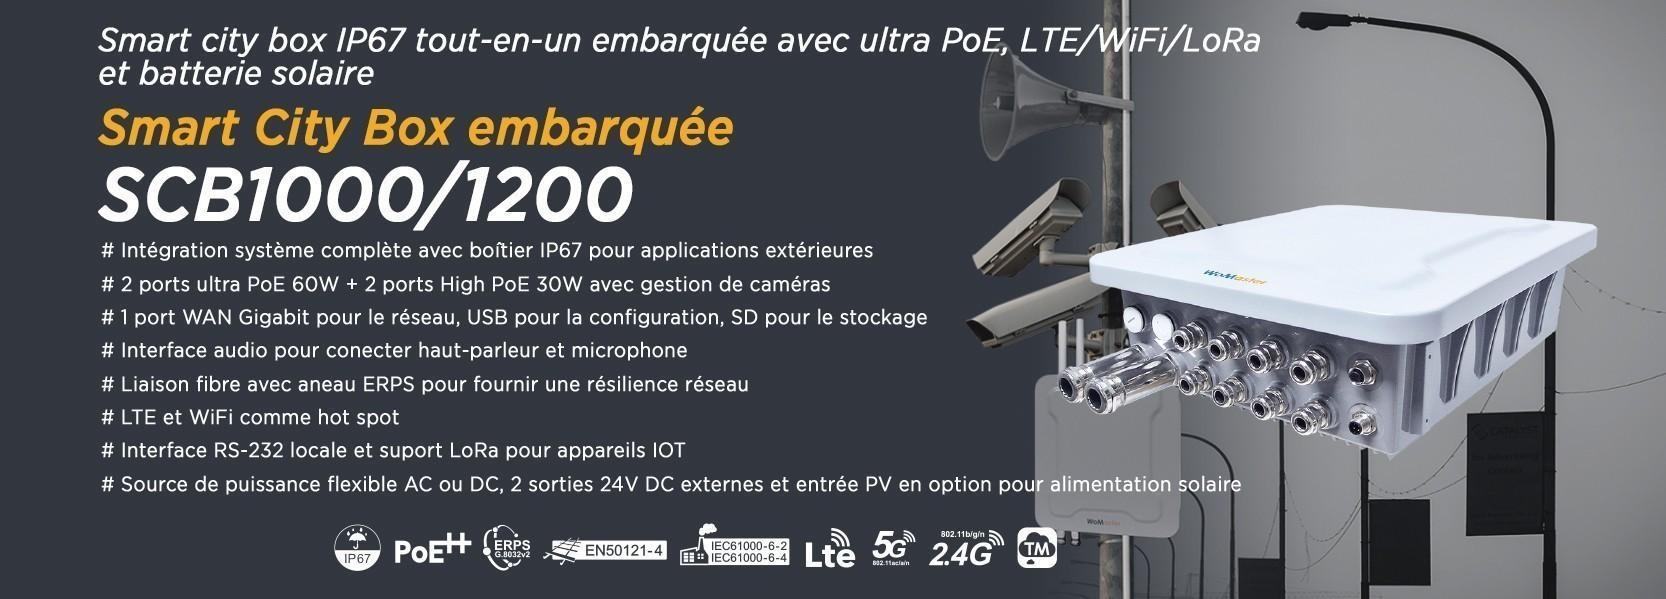 Système de communication entièrement intégré dans un boîtier IP67 pour applications Smart City et IIoT, LTE et WiFi